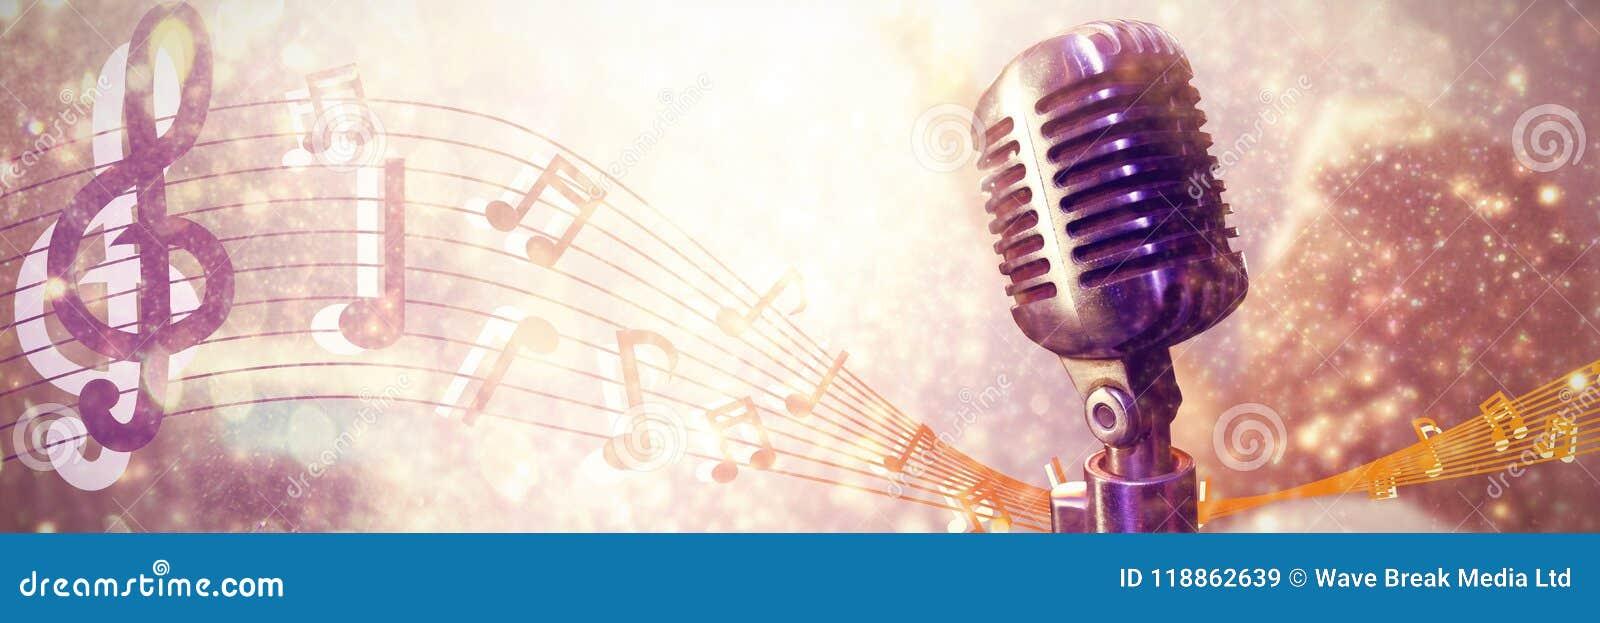 Image composée de plan rapproché de microphone